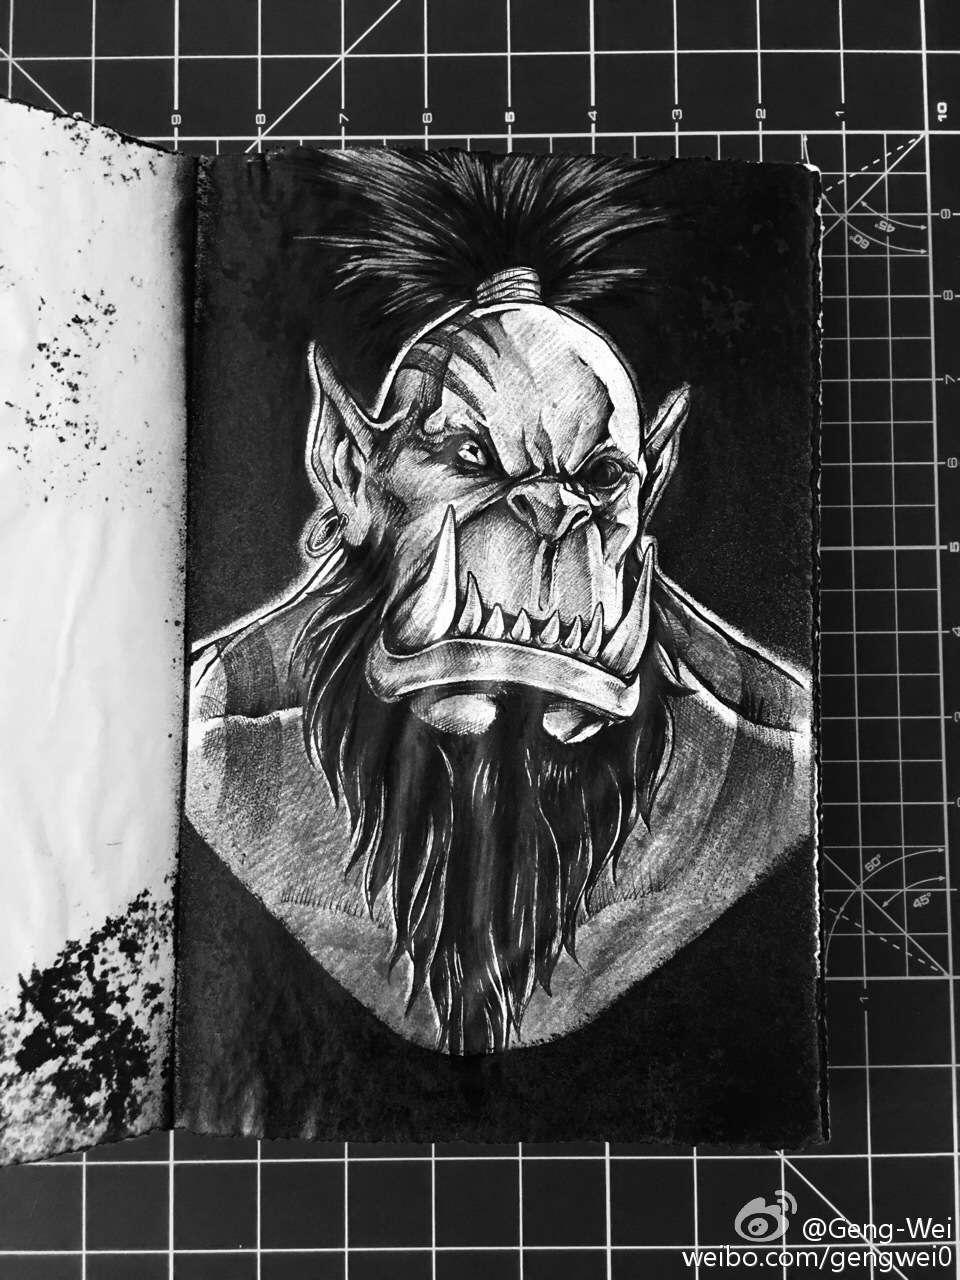 国内大神黑白手绘图:德拉诺钢铁部落七雄头像